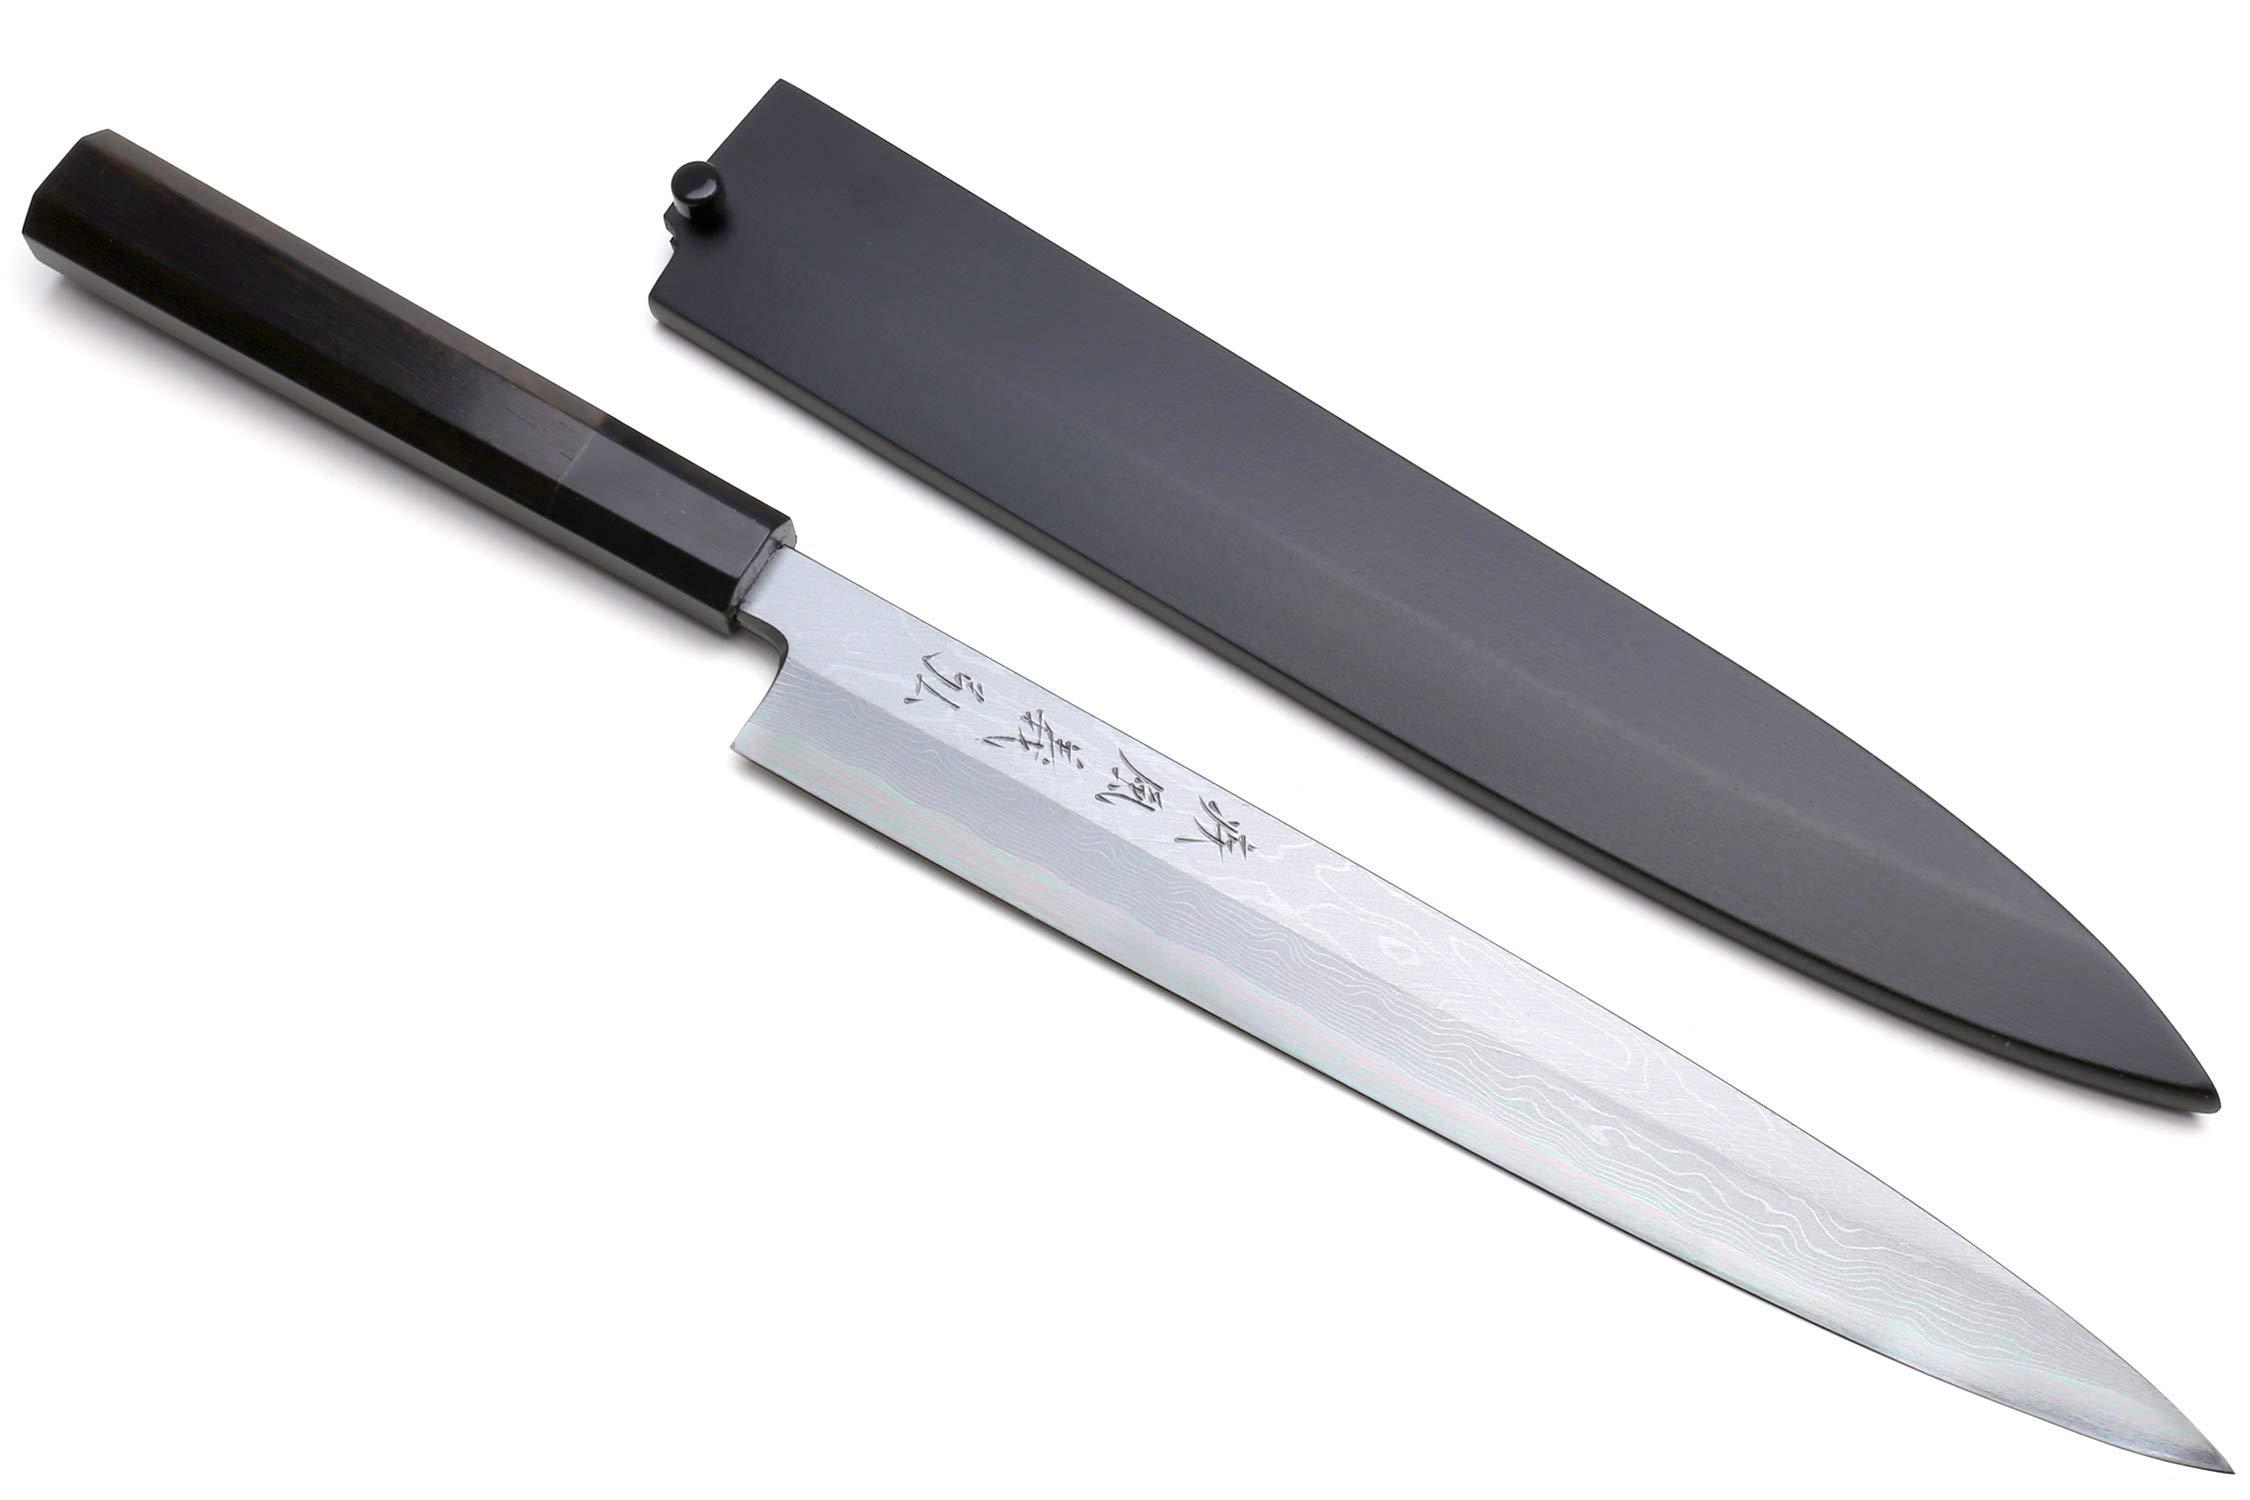 Yoshihiro High Carbon Blue Steel #1 Suminagashi Yanagi Sashimi Japanese Chef's Knife with Ebony Handle by Yoshihiro